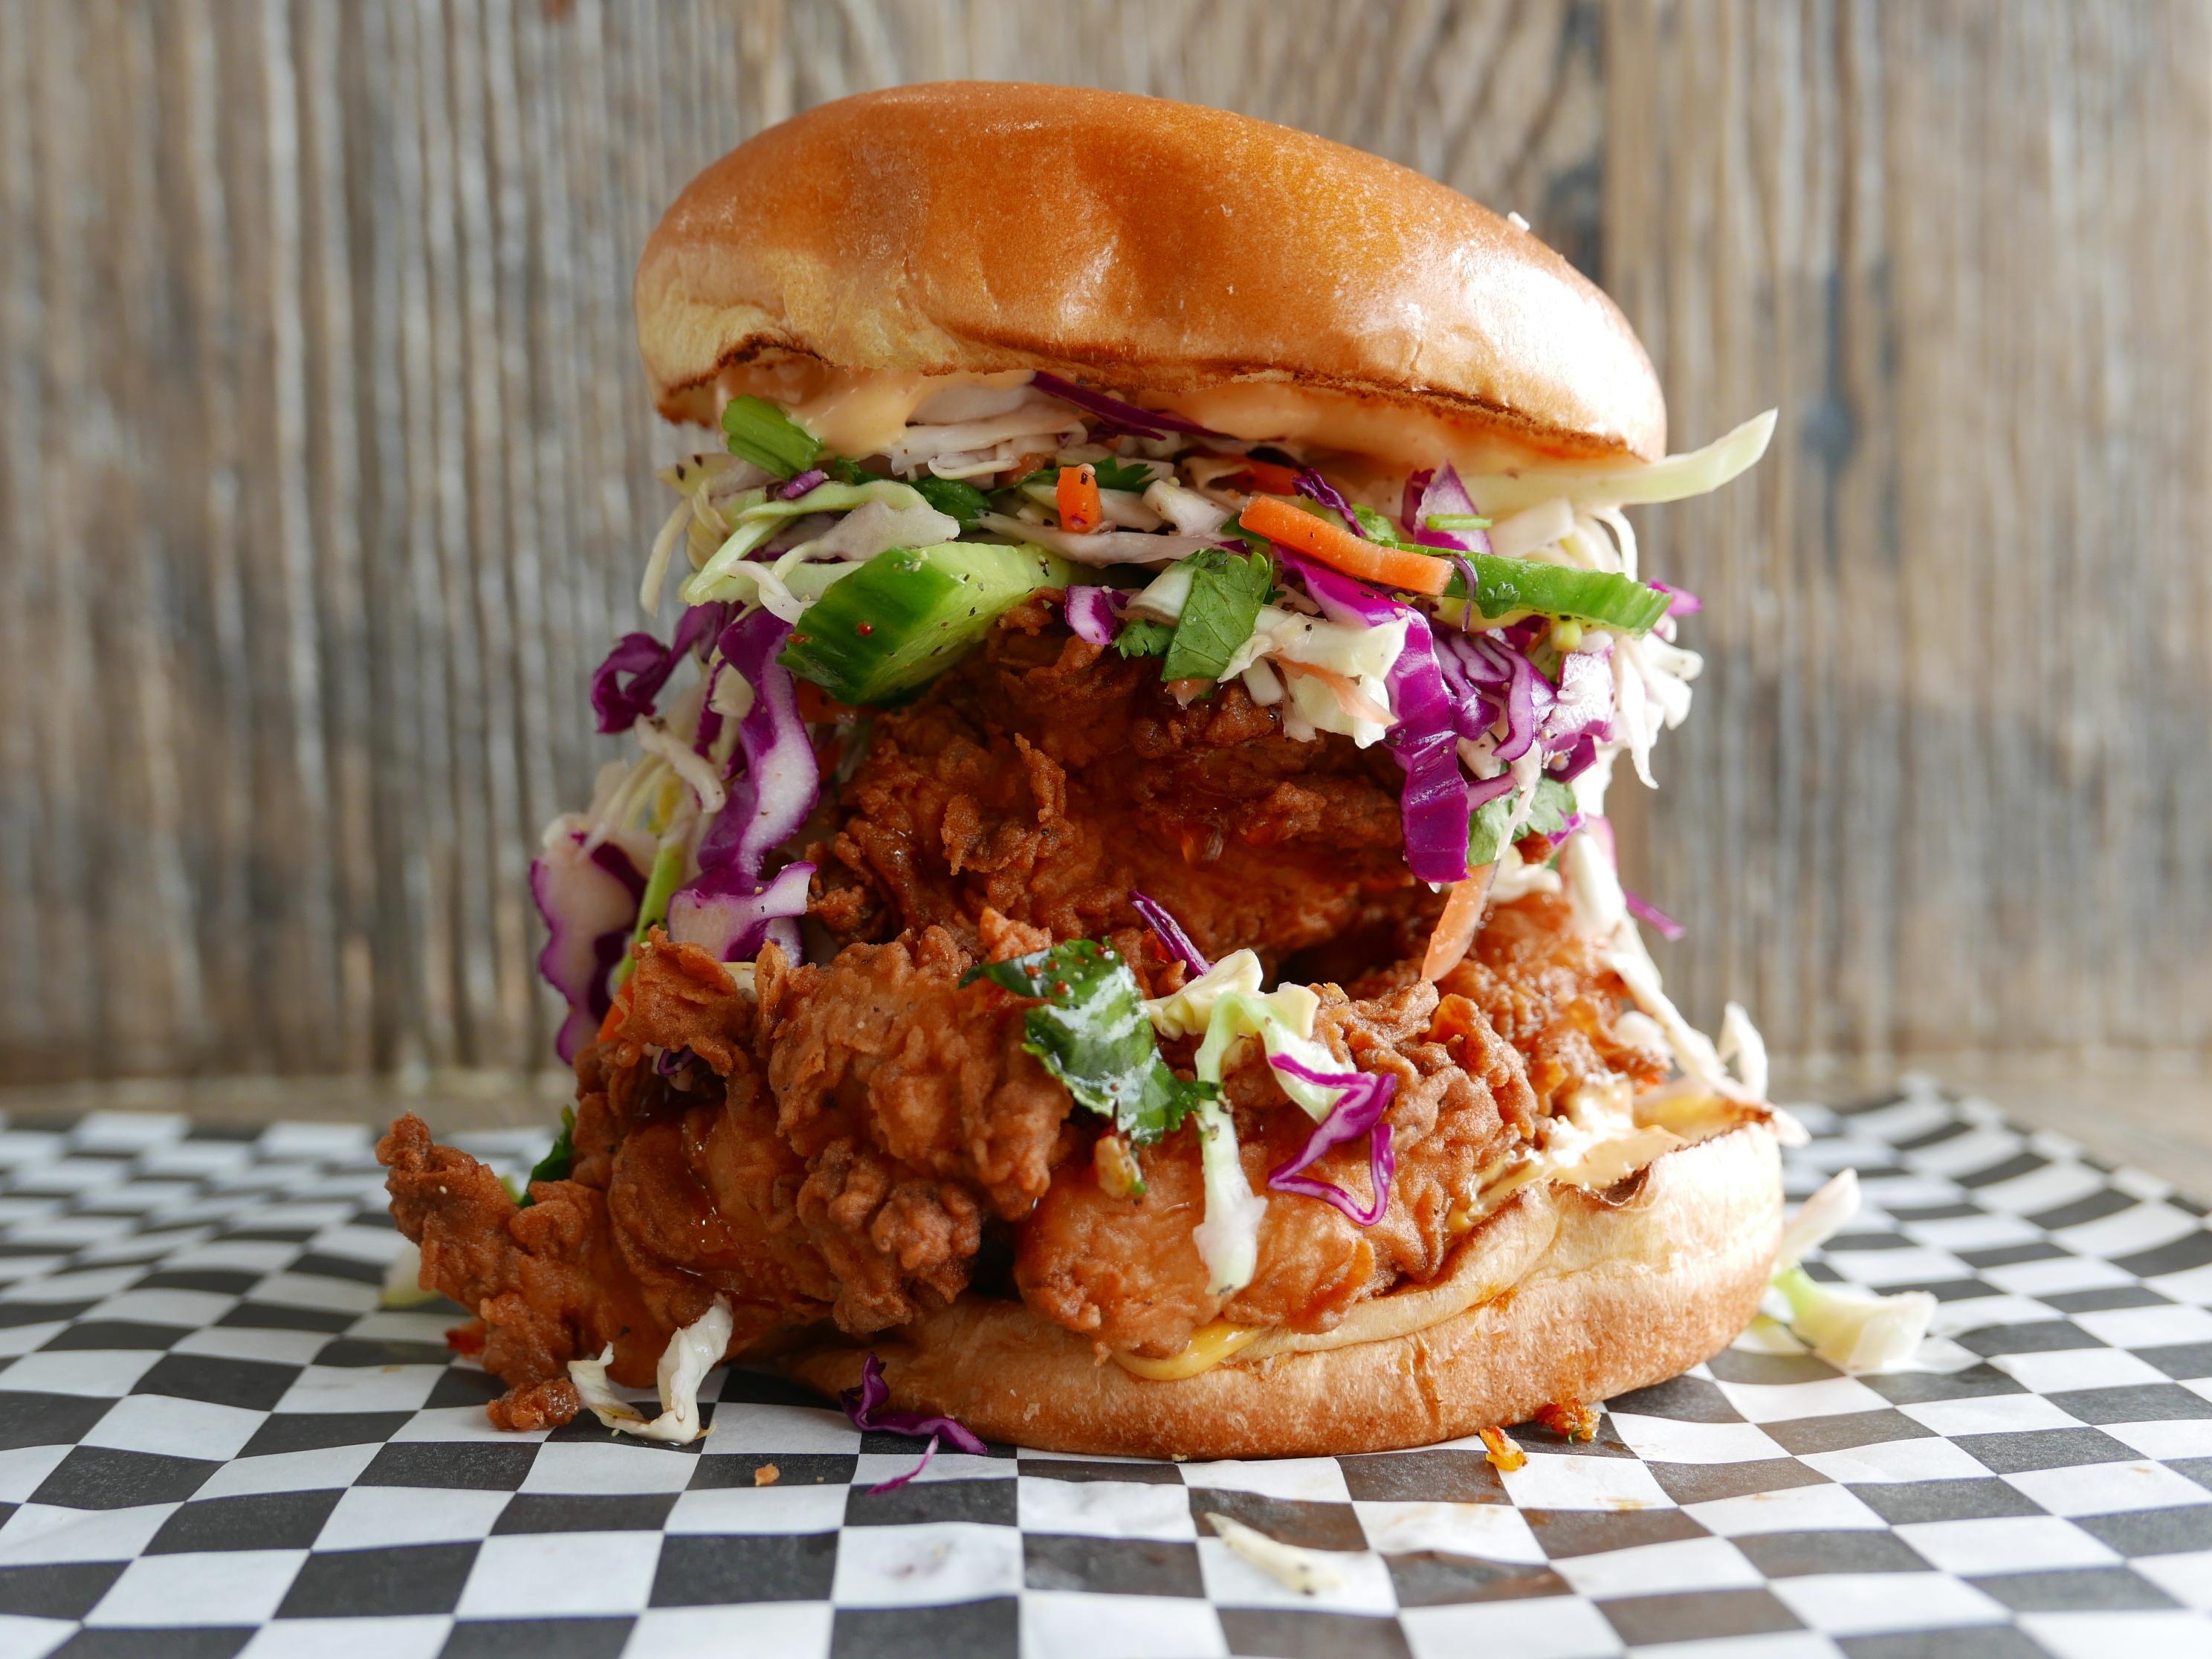 Fried chicken sandwich from Rockbird in Glendale.